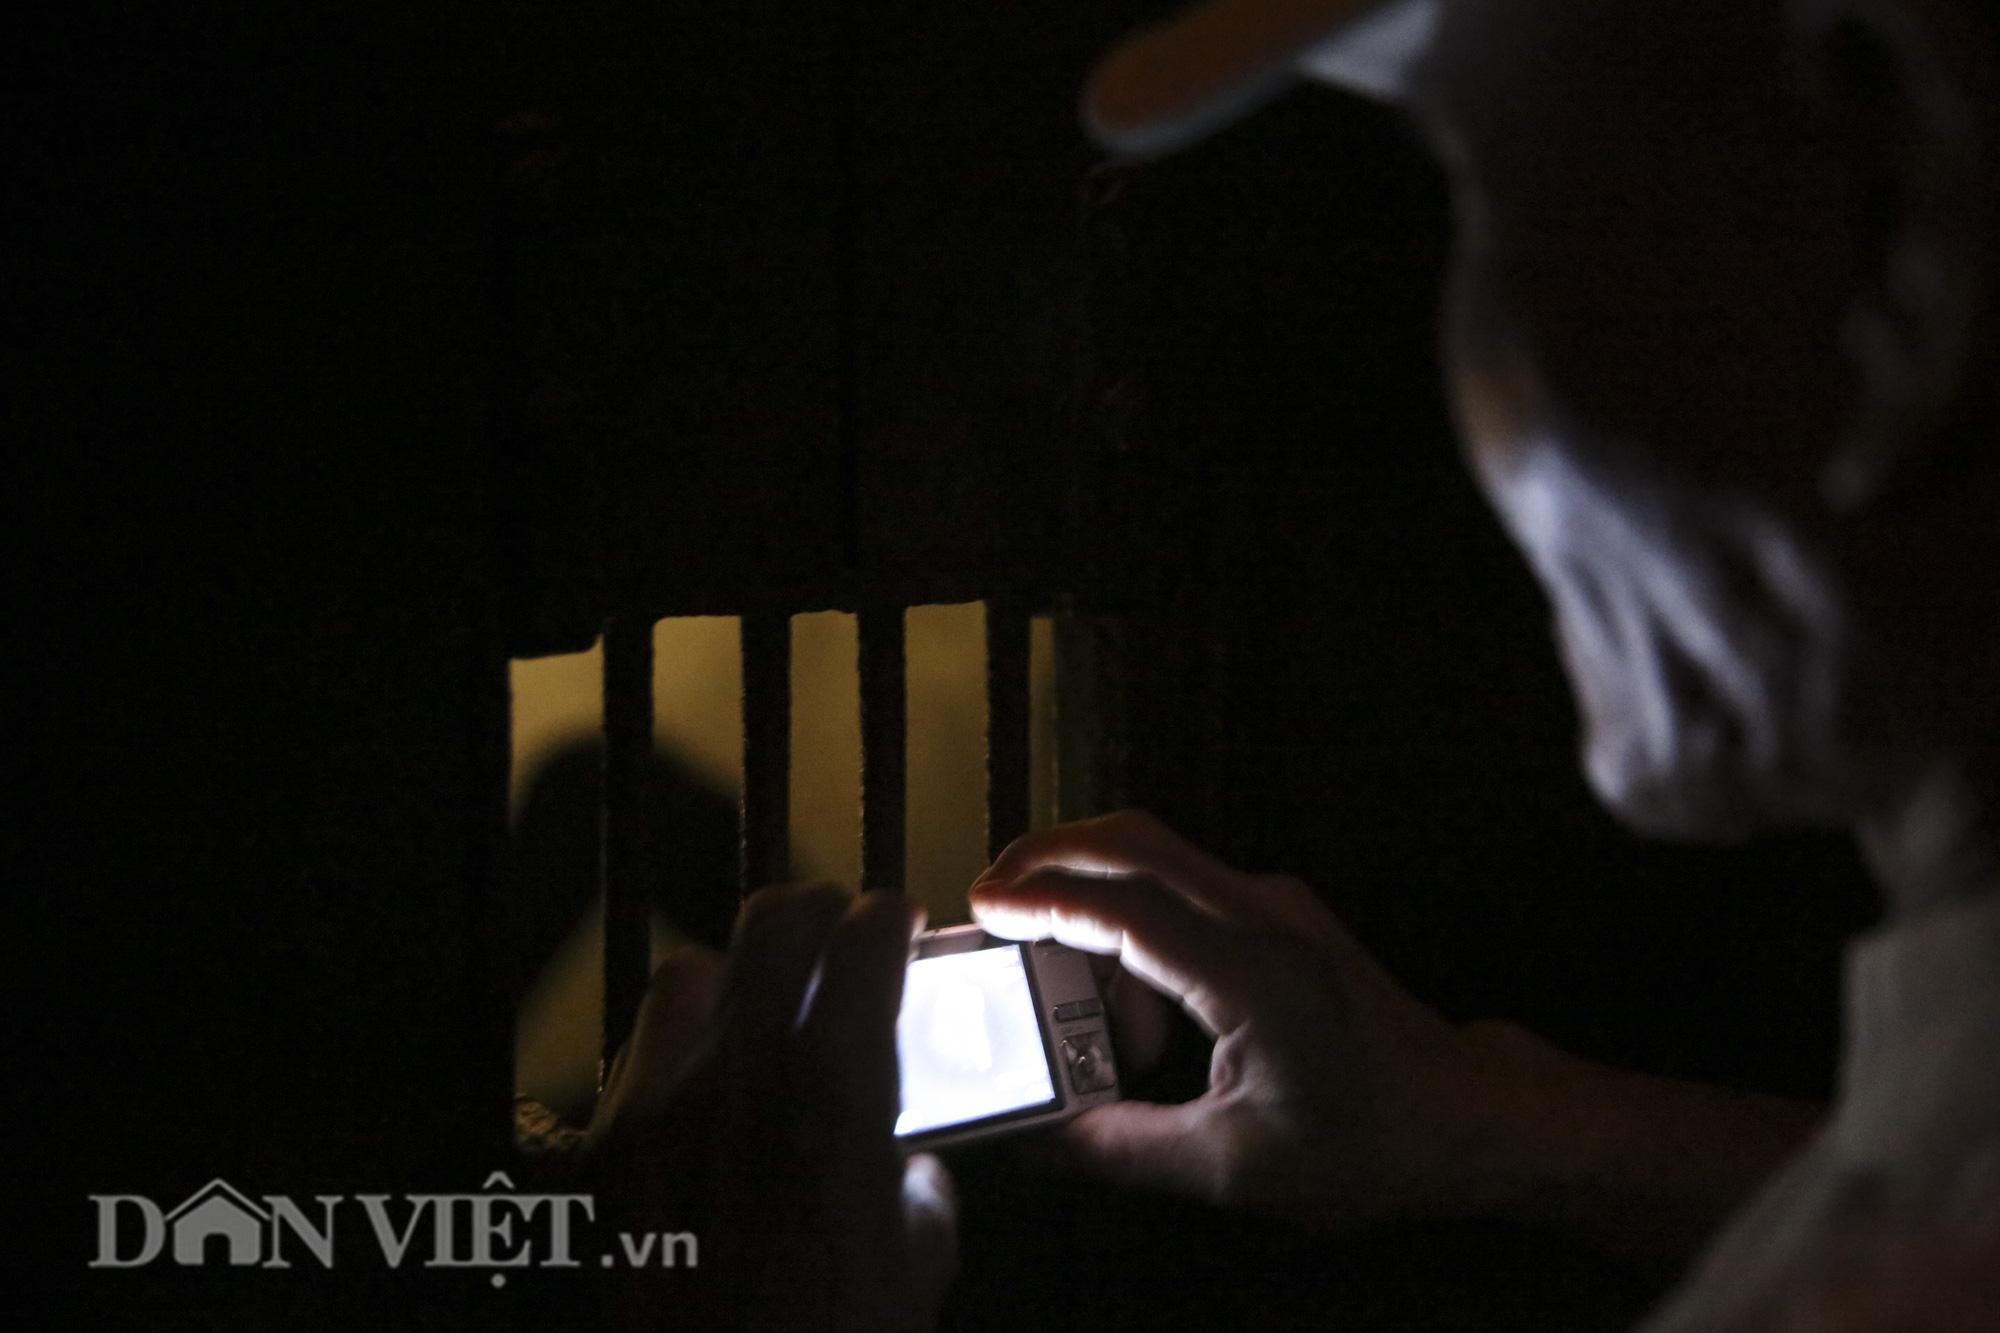 """Trải nghiệm """"đêm ngục tối"""" trong di tích Nhà tù Hỏa Lò khác gì ban ngày? - Ảnh 8."""